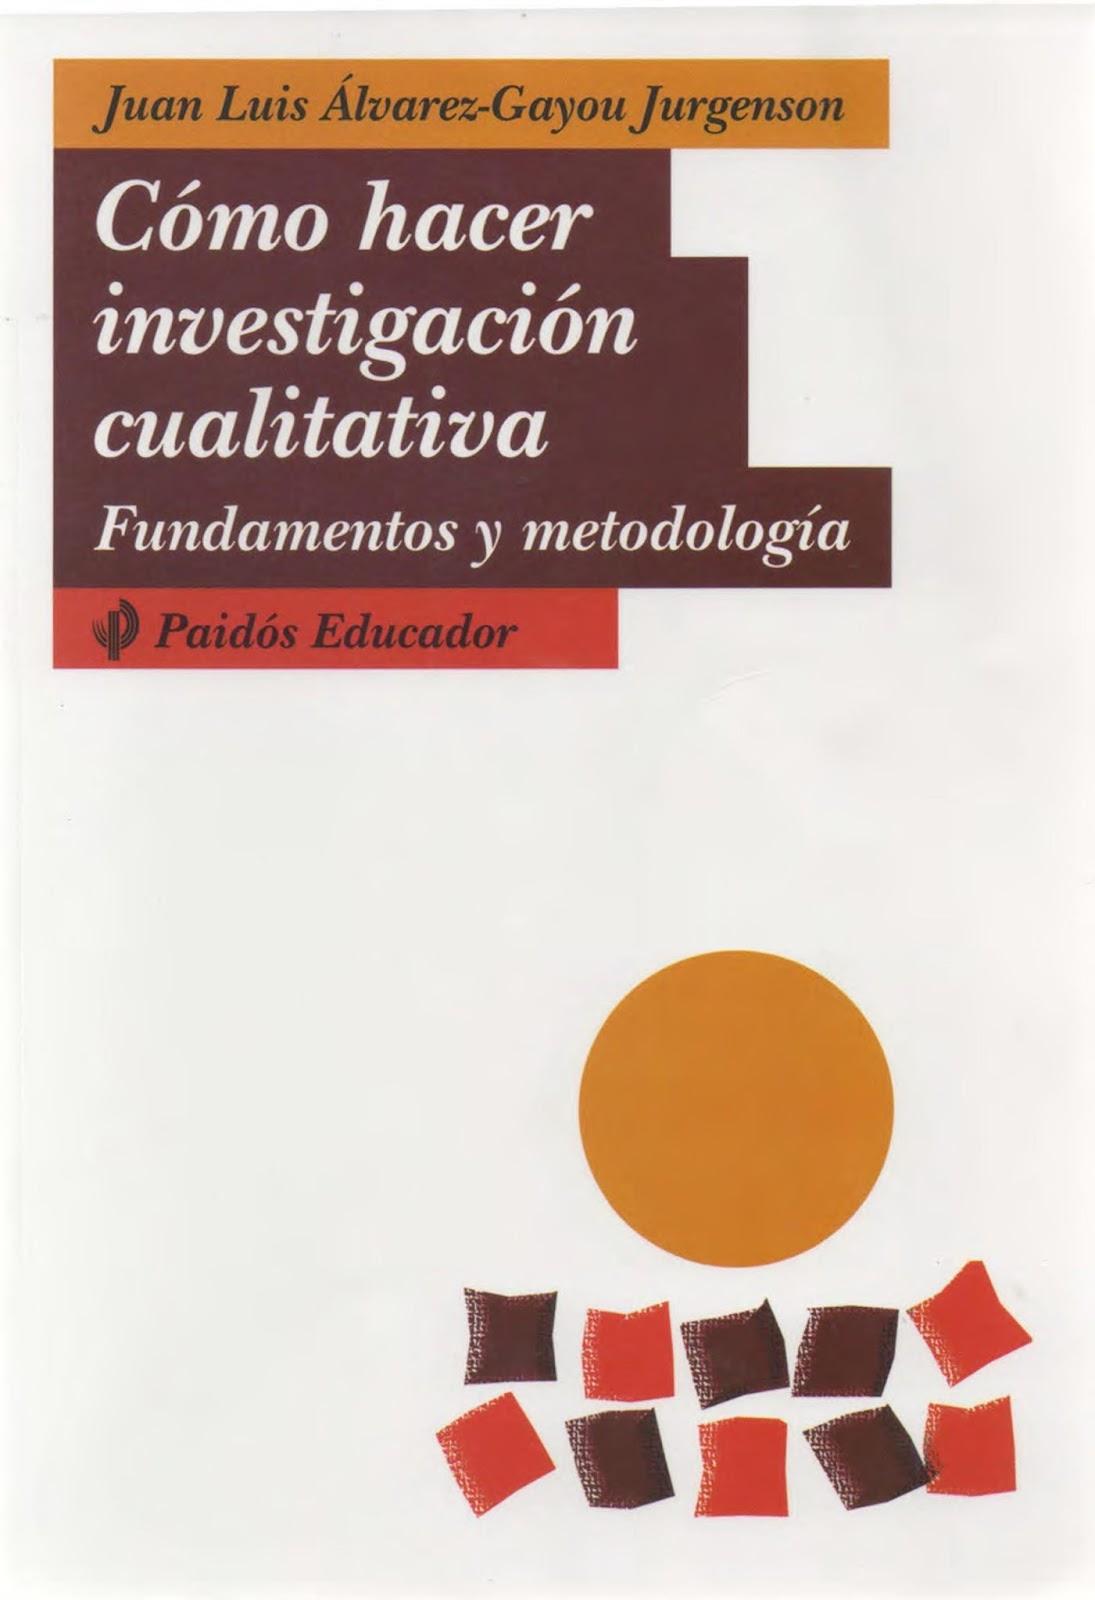 Cómo hacer investigación cualitativa: Fundamentos y metodología – Juan Luis Álvarez-Gayou Juergenson